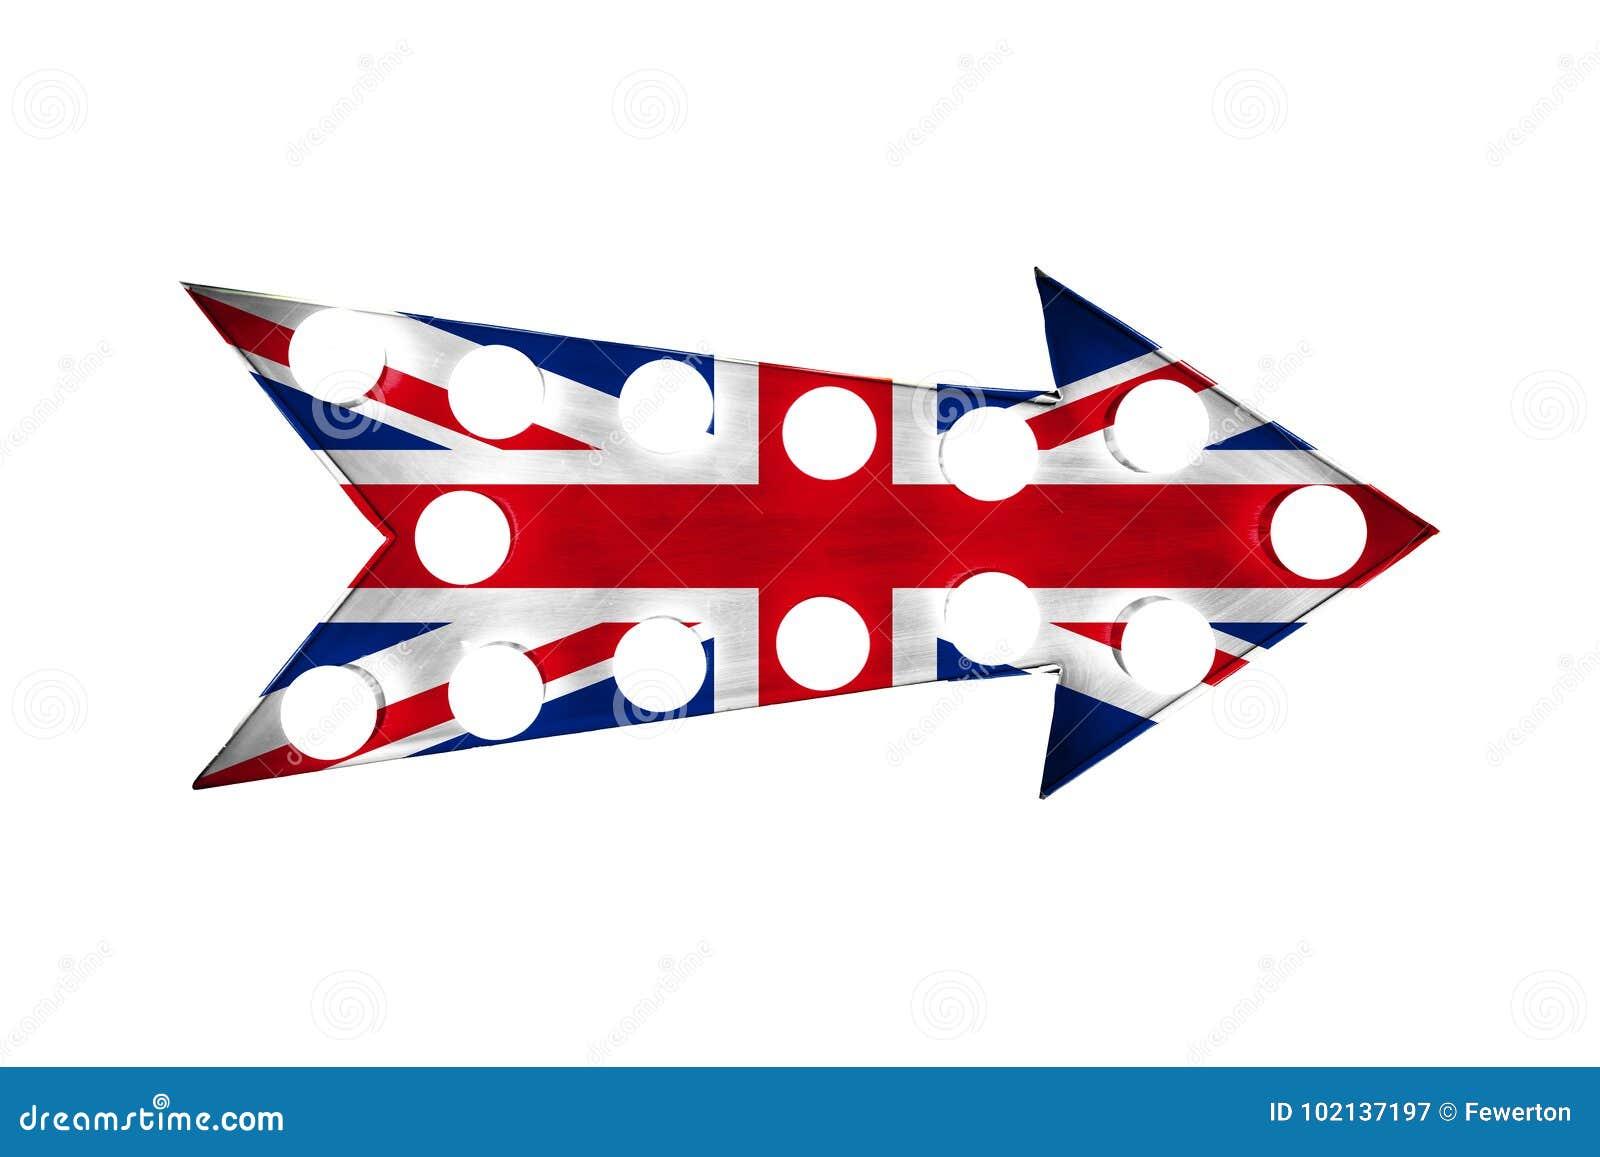 Bandera BRITÁNICA De Reino Unido Pintada Sobre Una Muestra Metálica ...